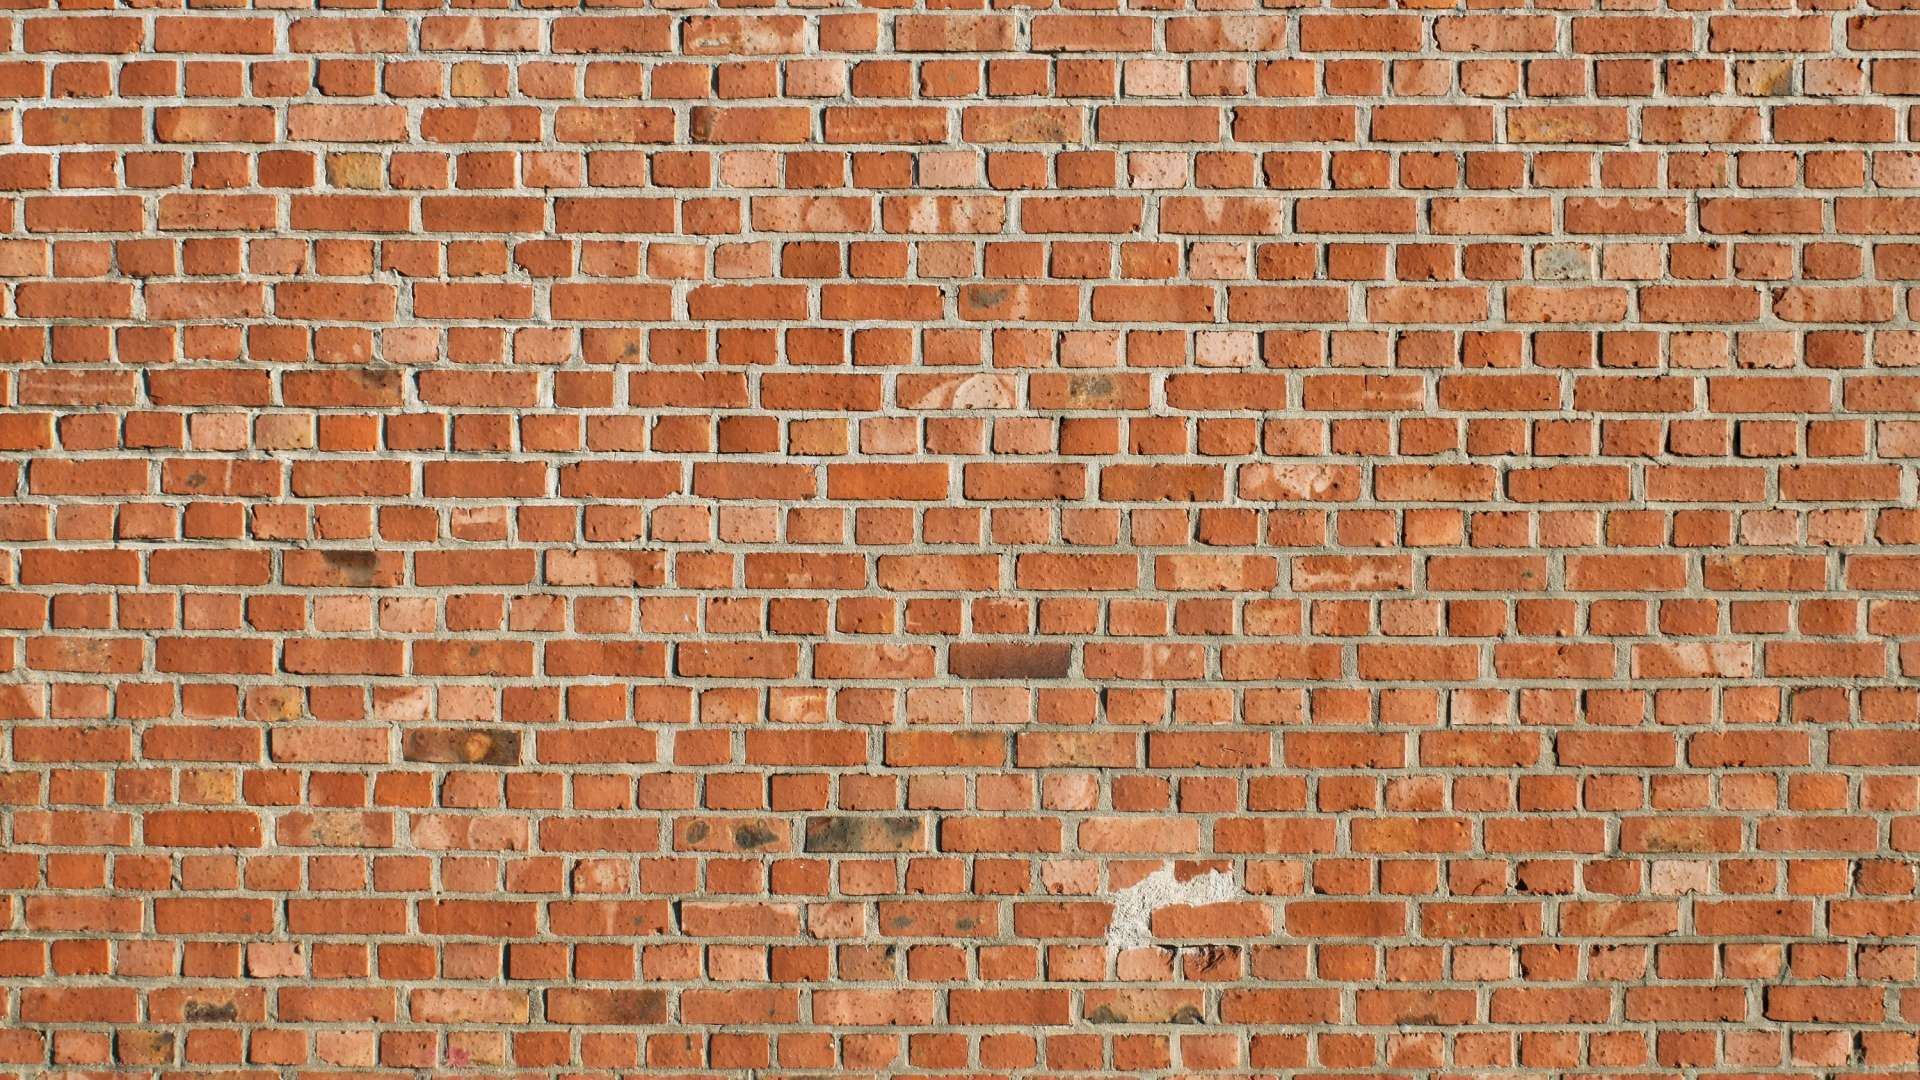 Stylized Background Hd Brick Brick Wallaper Free Download Brick Wallpaper Texture Brick Wallpaper houzz-03 Brick Wall Paper